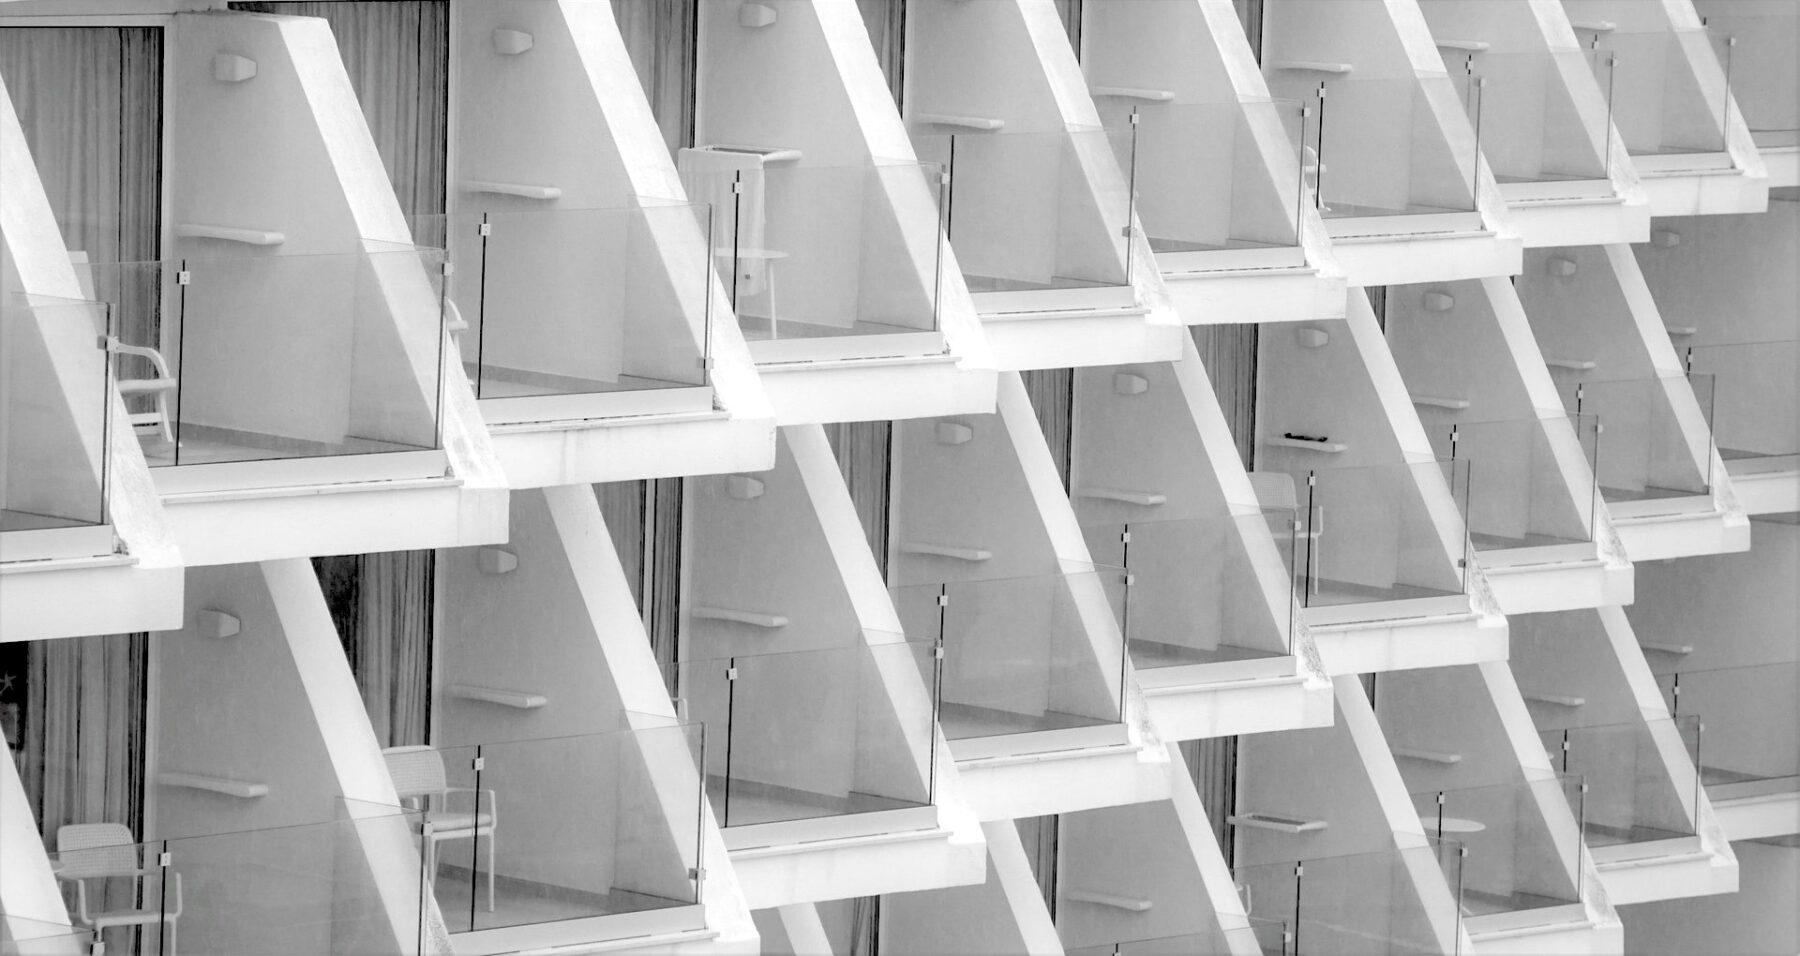 Glasgeländer garantieren optimalen Lichteinfall auch in ansonsten stark verschatteten Bereichen. Foto: Pixabay